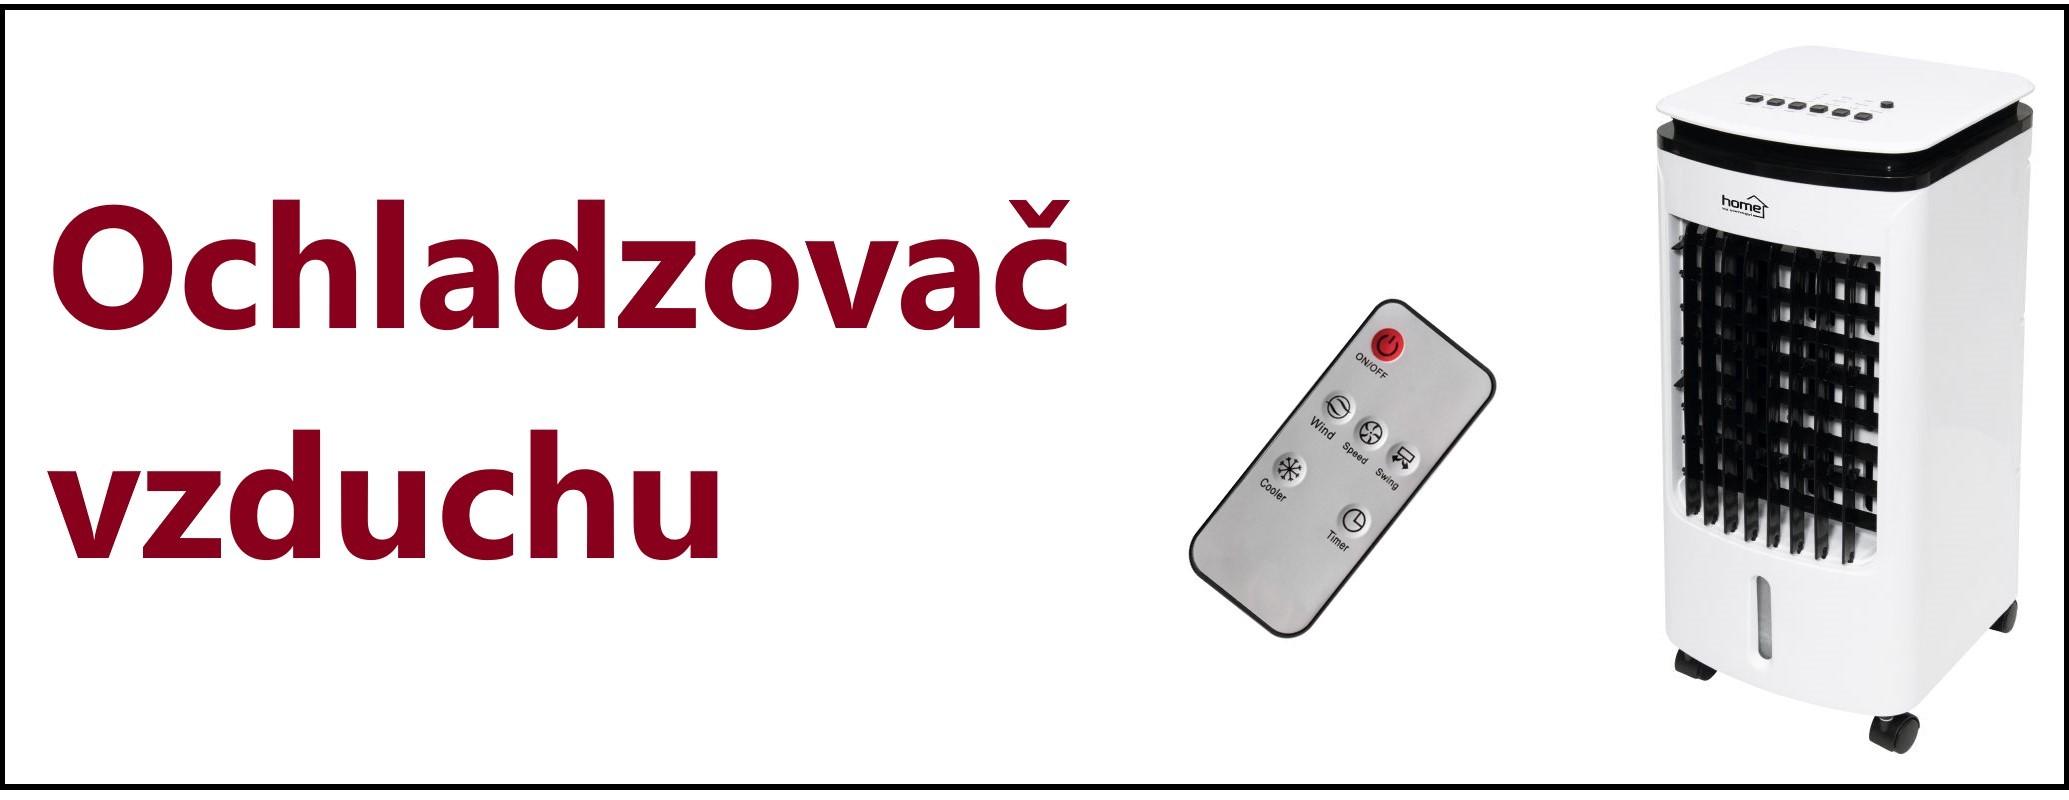 Vysávač hoover 2v1